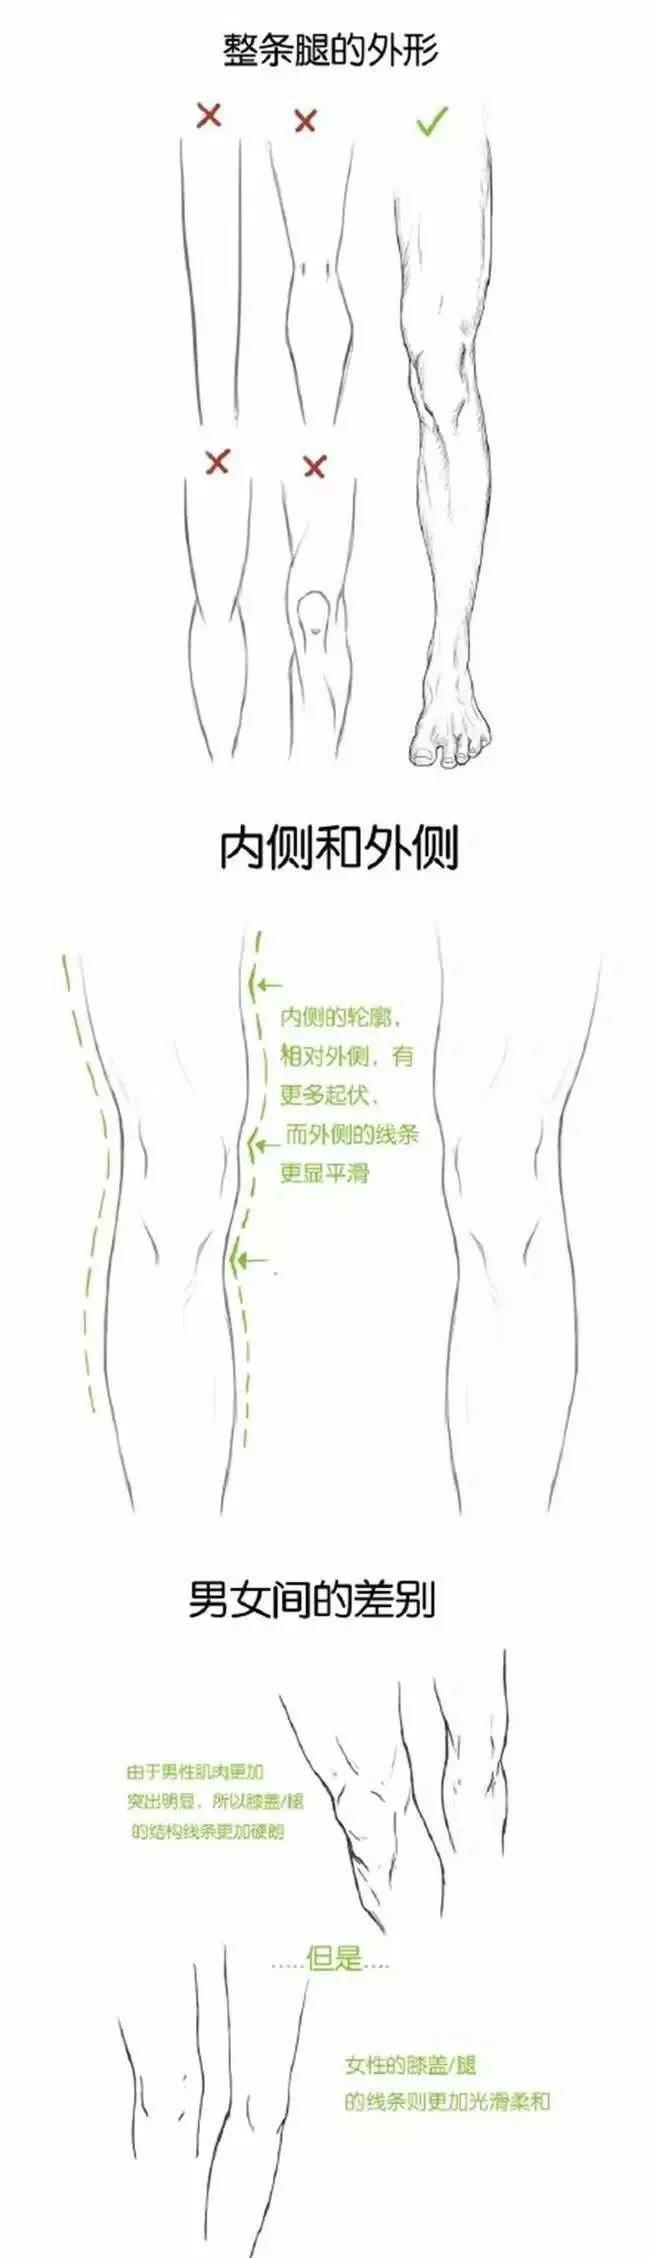 1,腿部的结构 人站立时 无论是从正面或侧面看 从大腿,膝盖到小腿